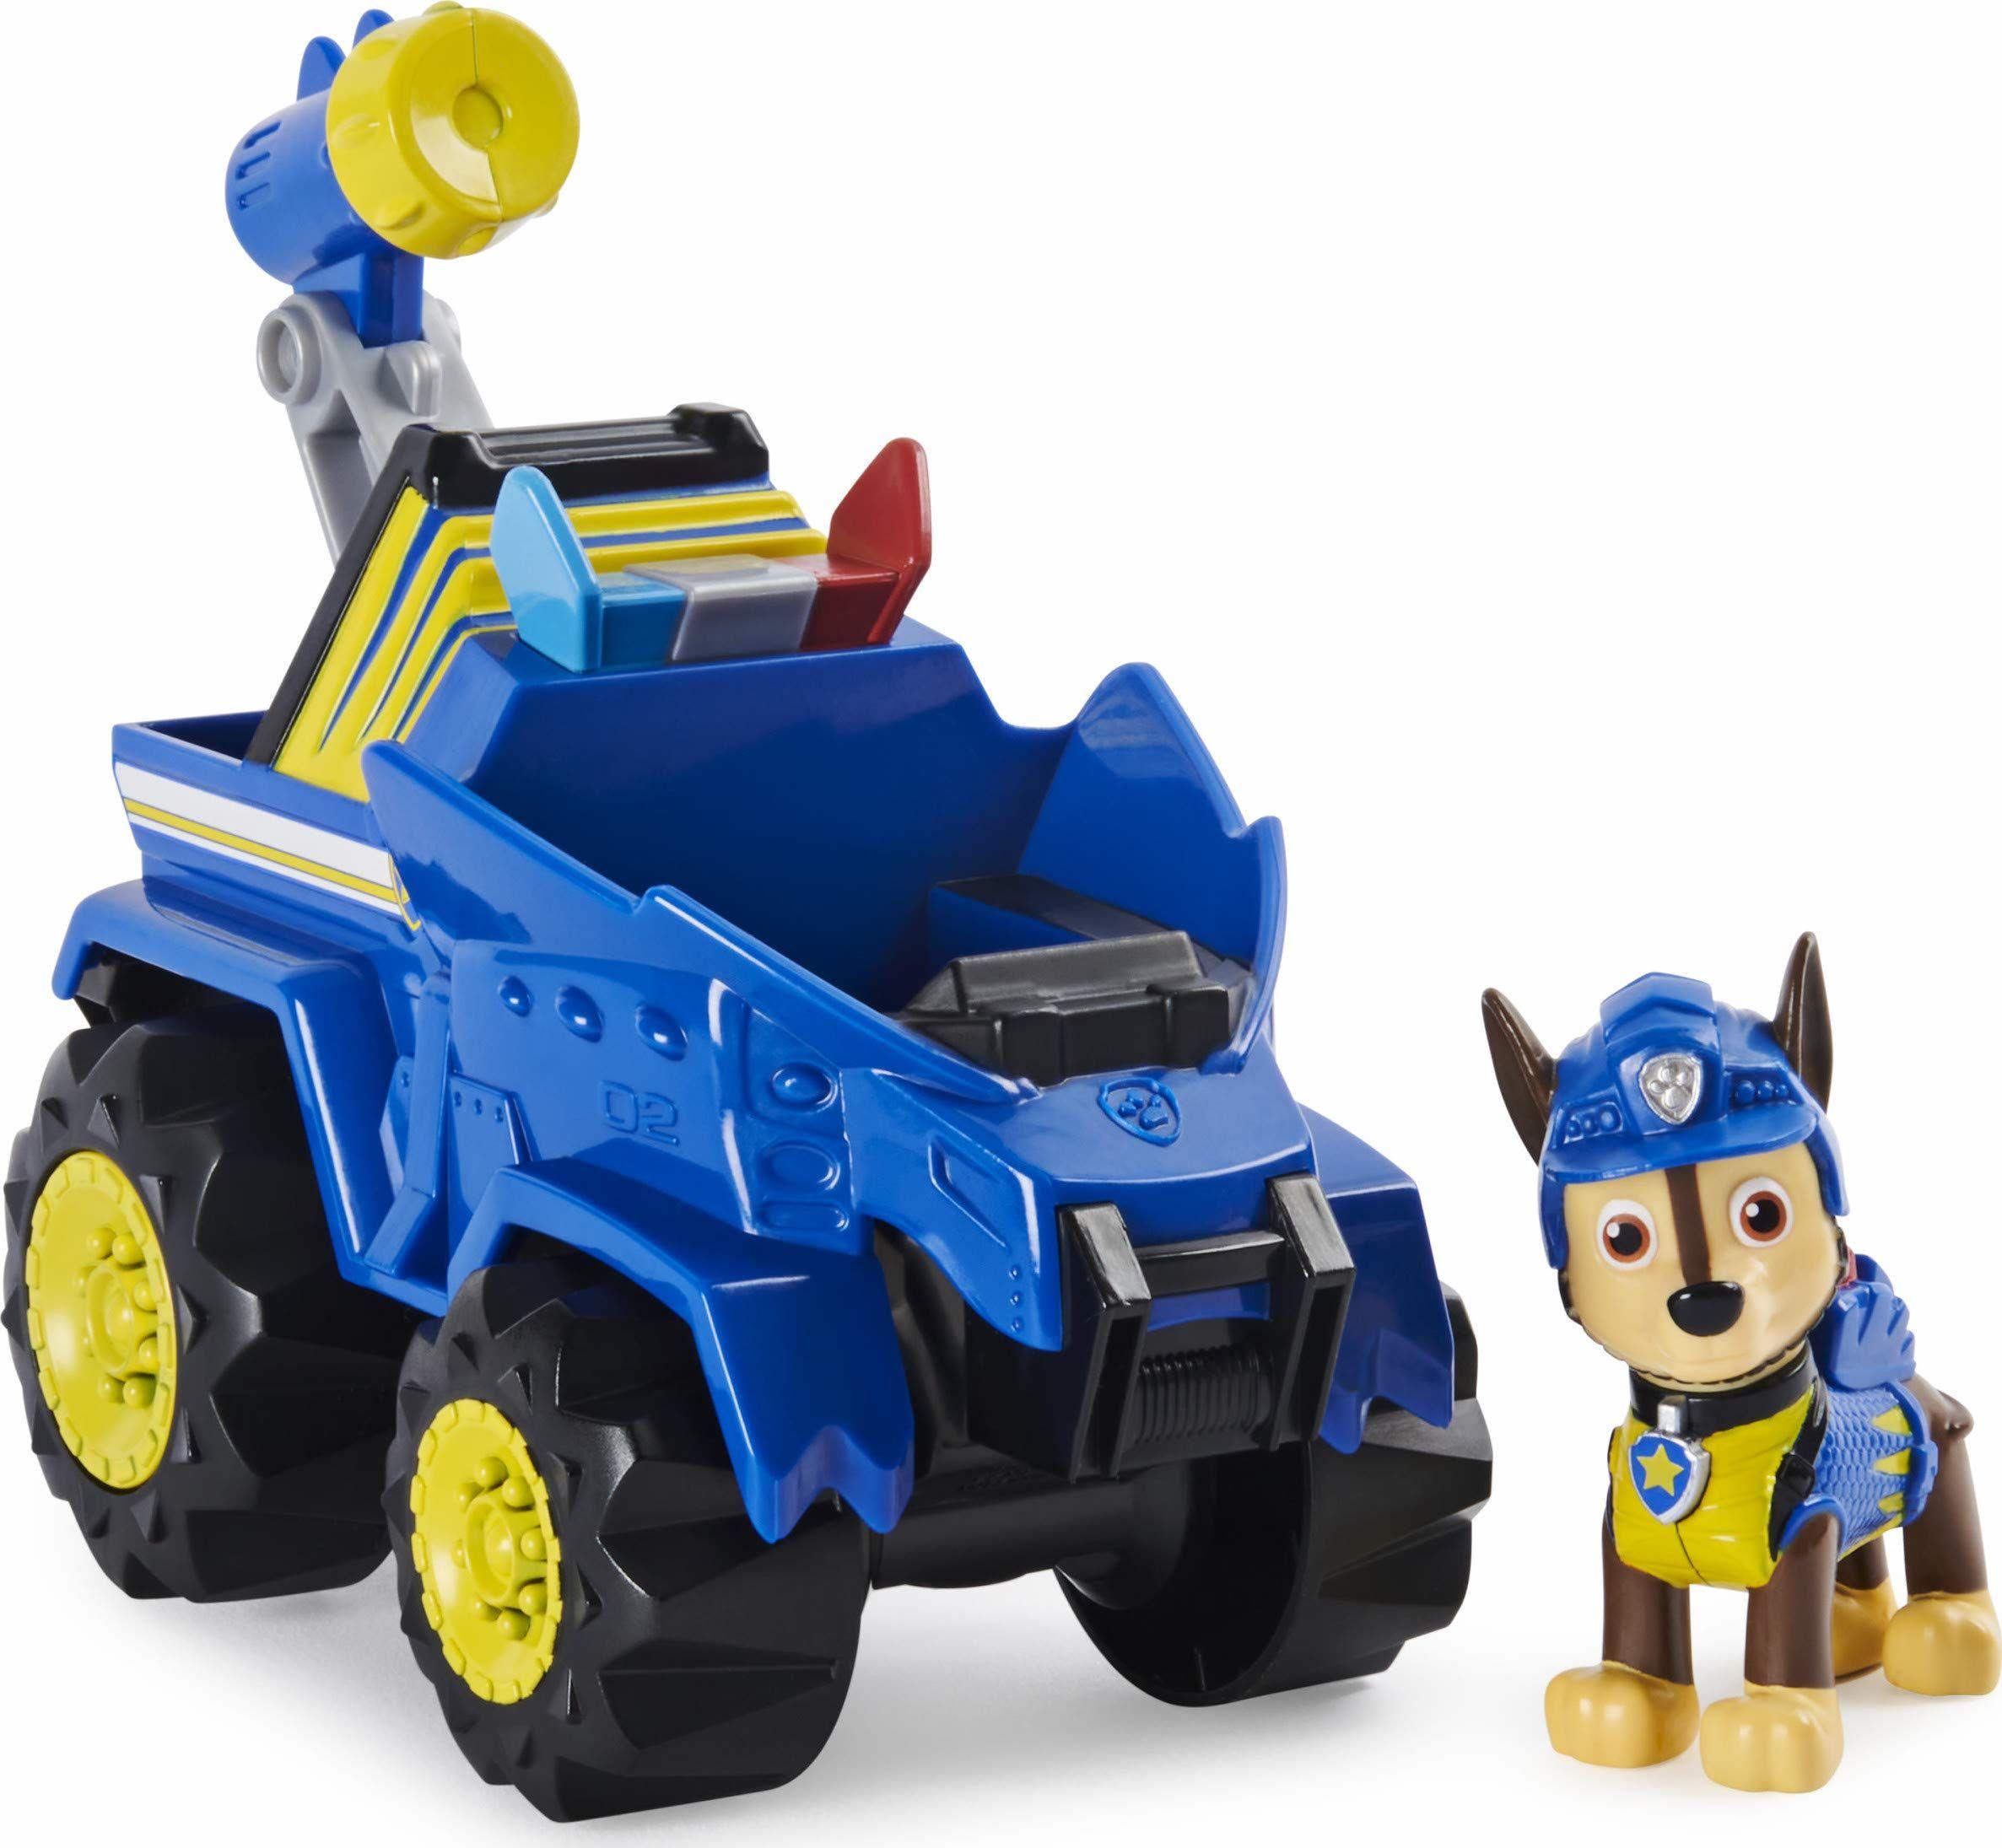 PSI PATROL: Chase z Pojazdem Ratunkowym Dino i Tajemniczym Dinozaurem